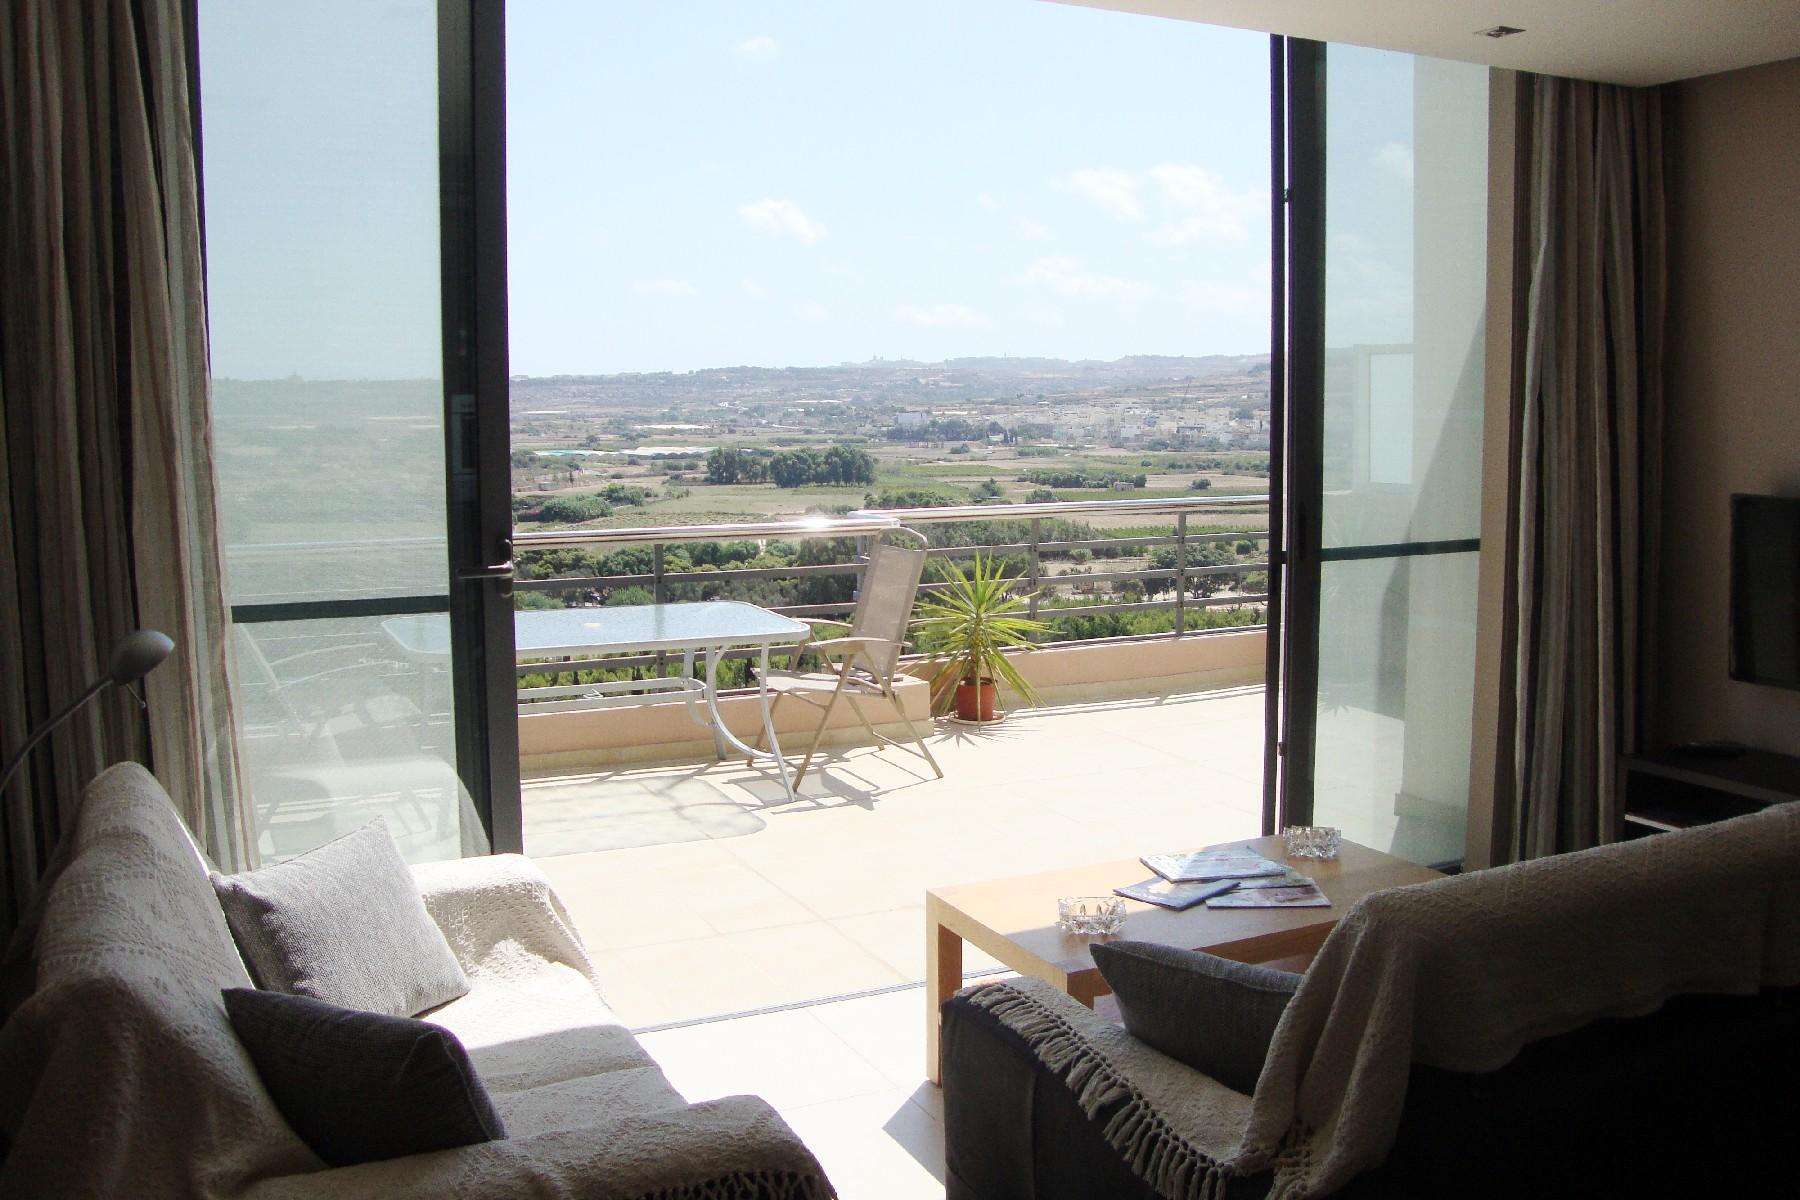 Malta Property for sale in Malta, Qawra